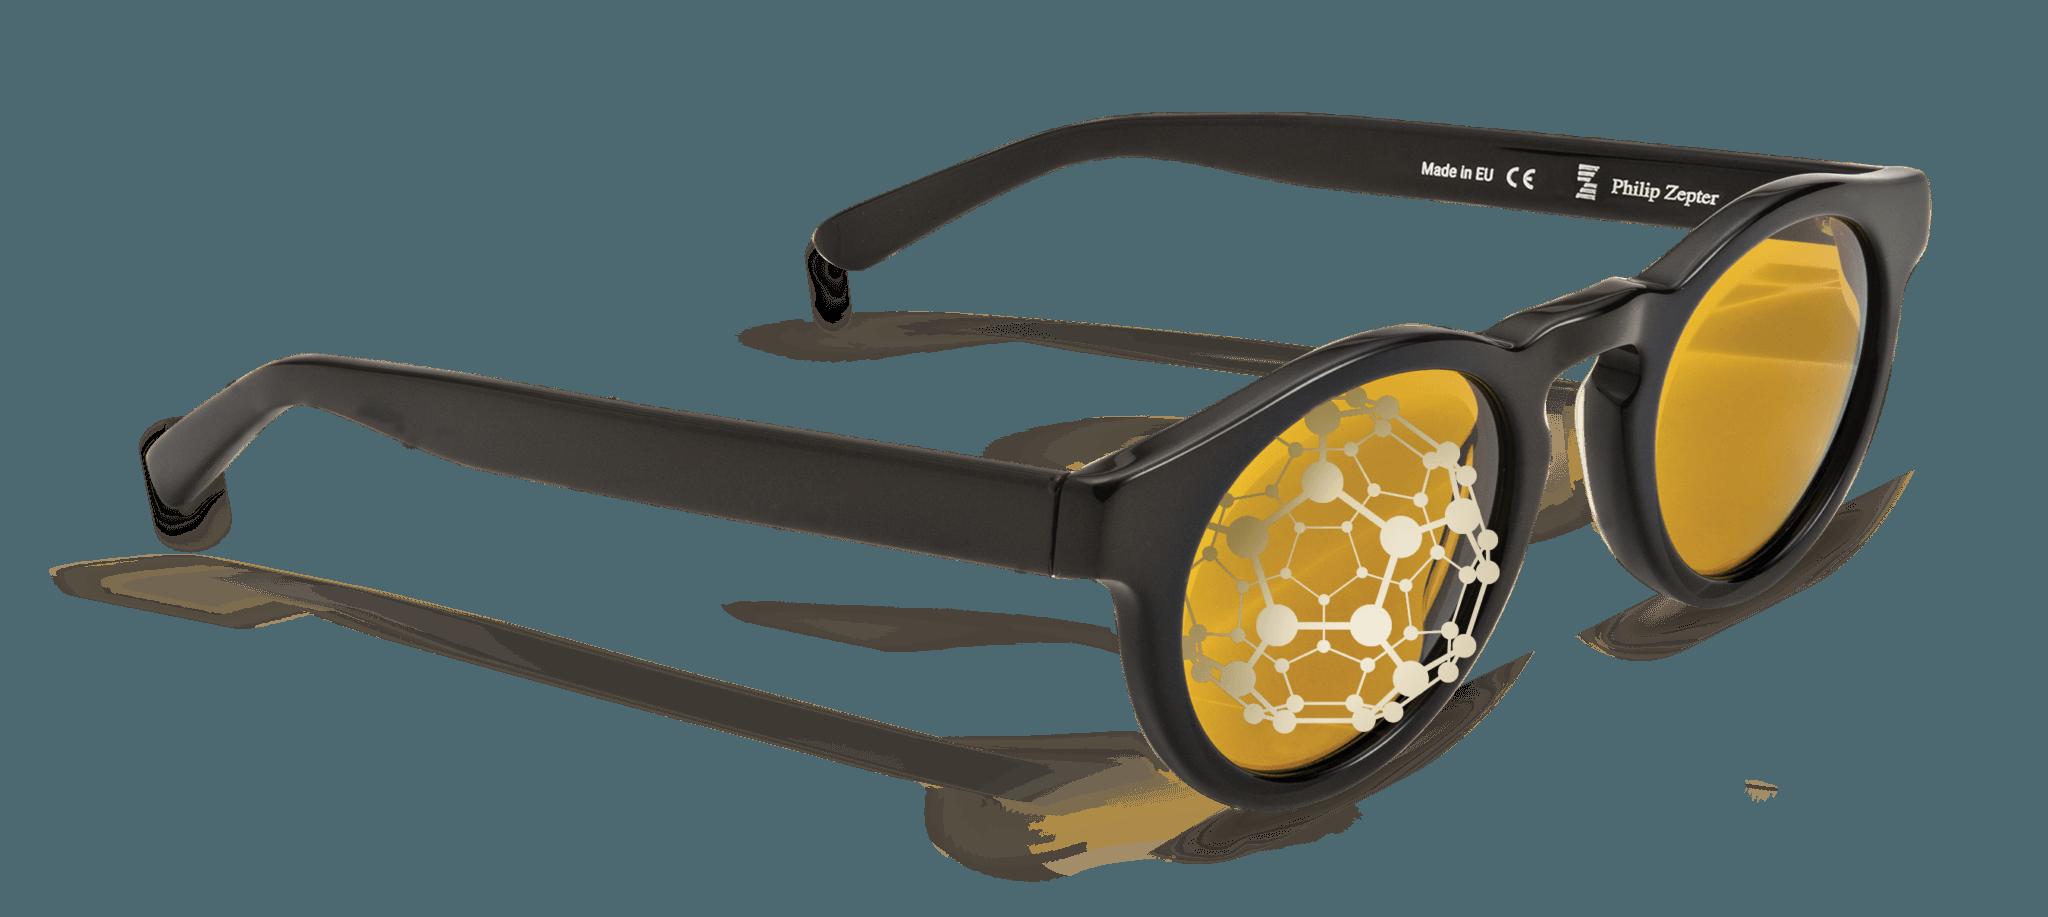 Ochelarii viitorului: efect anti aging și selectarea tipului de lumină care intră în ochi